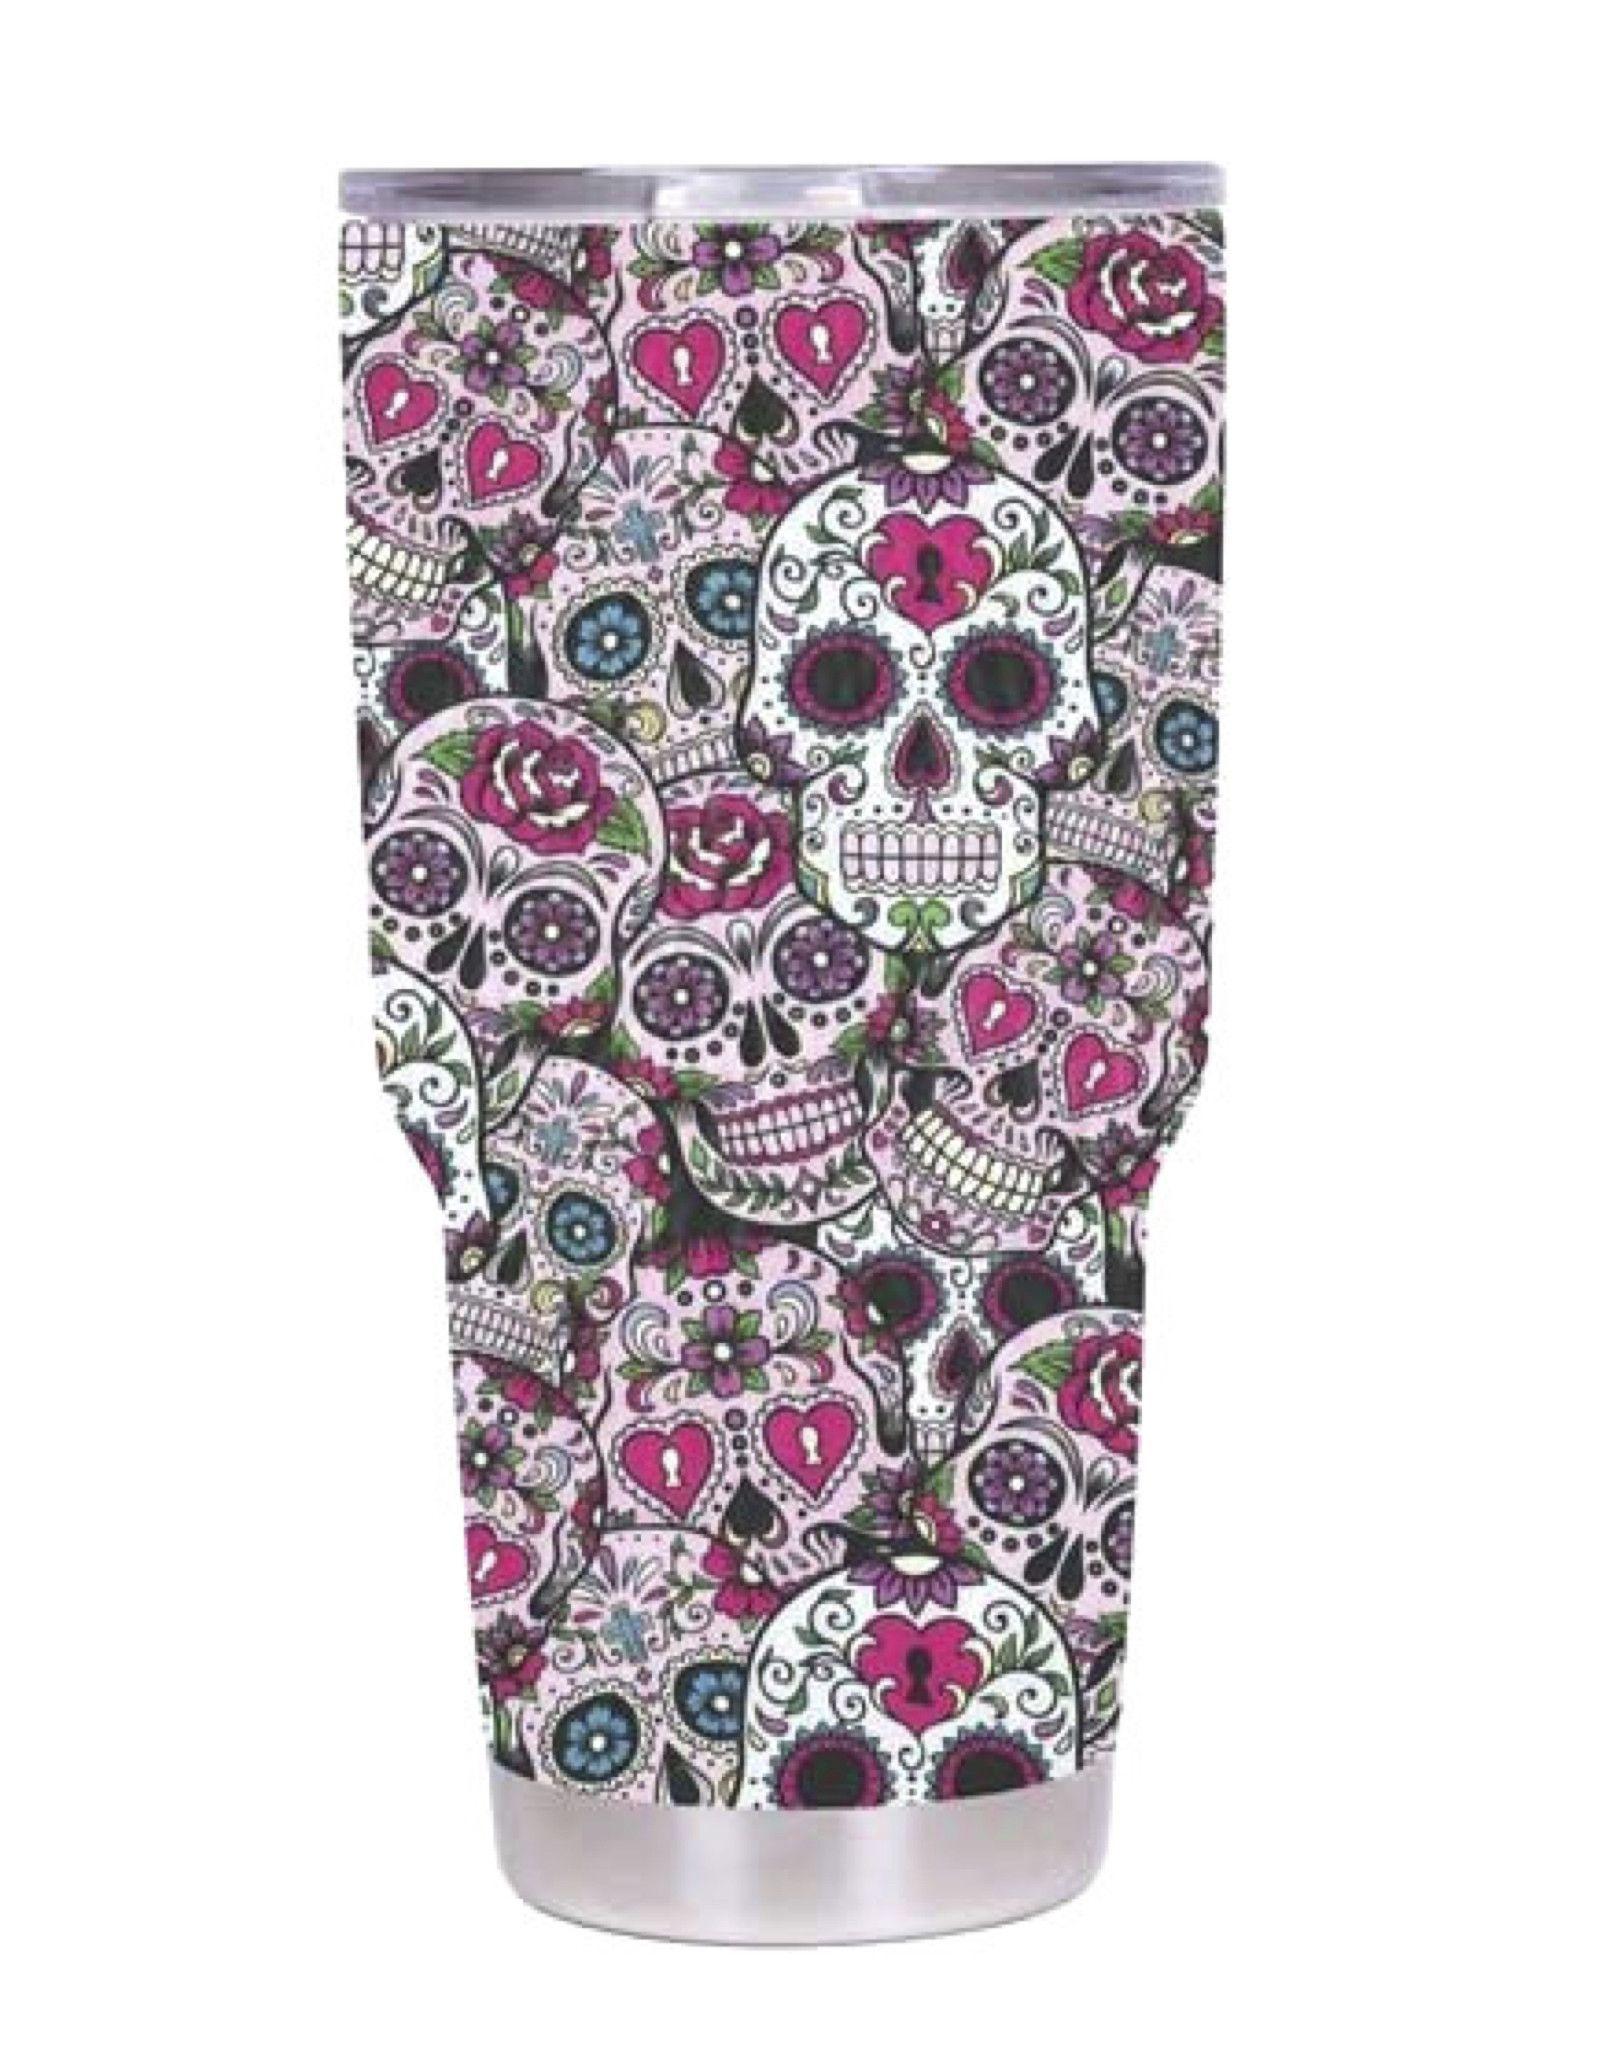 Pink Sugar Skull YETI Oz Rambler Tumbler Products Pinterest - Sugar skull yeti cup